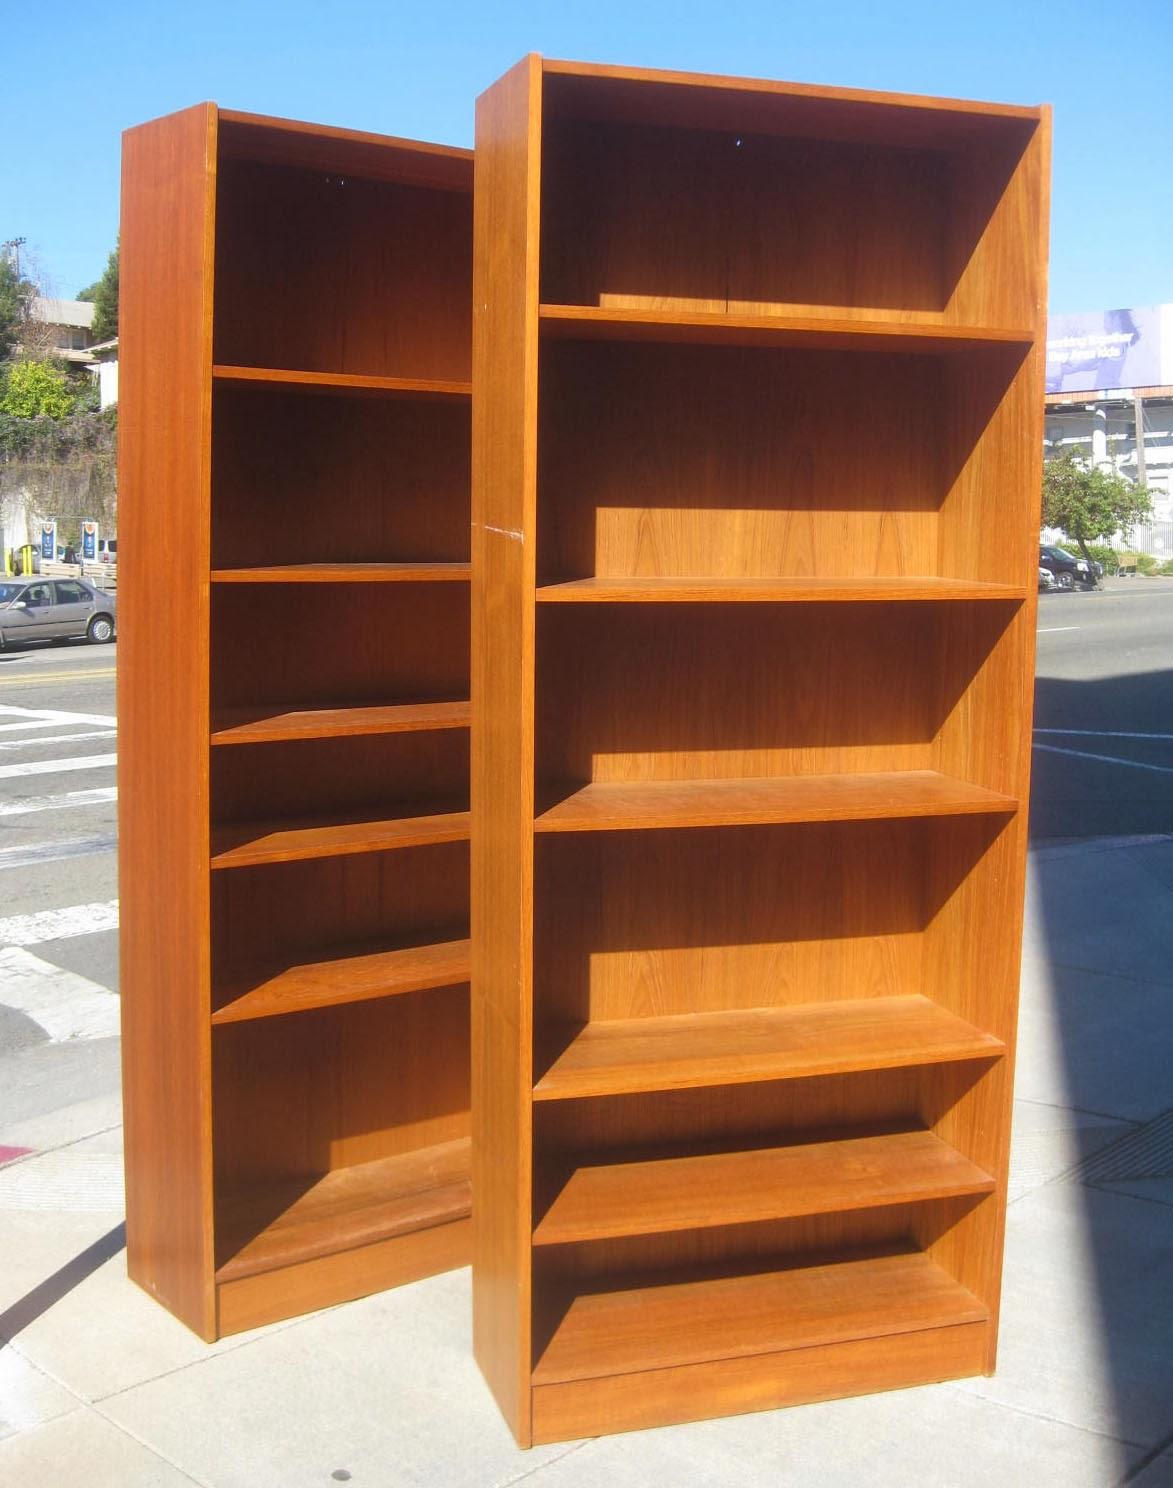 sold 3 teak bookshelves 60 each - Teak Bookshelves